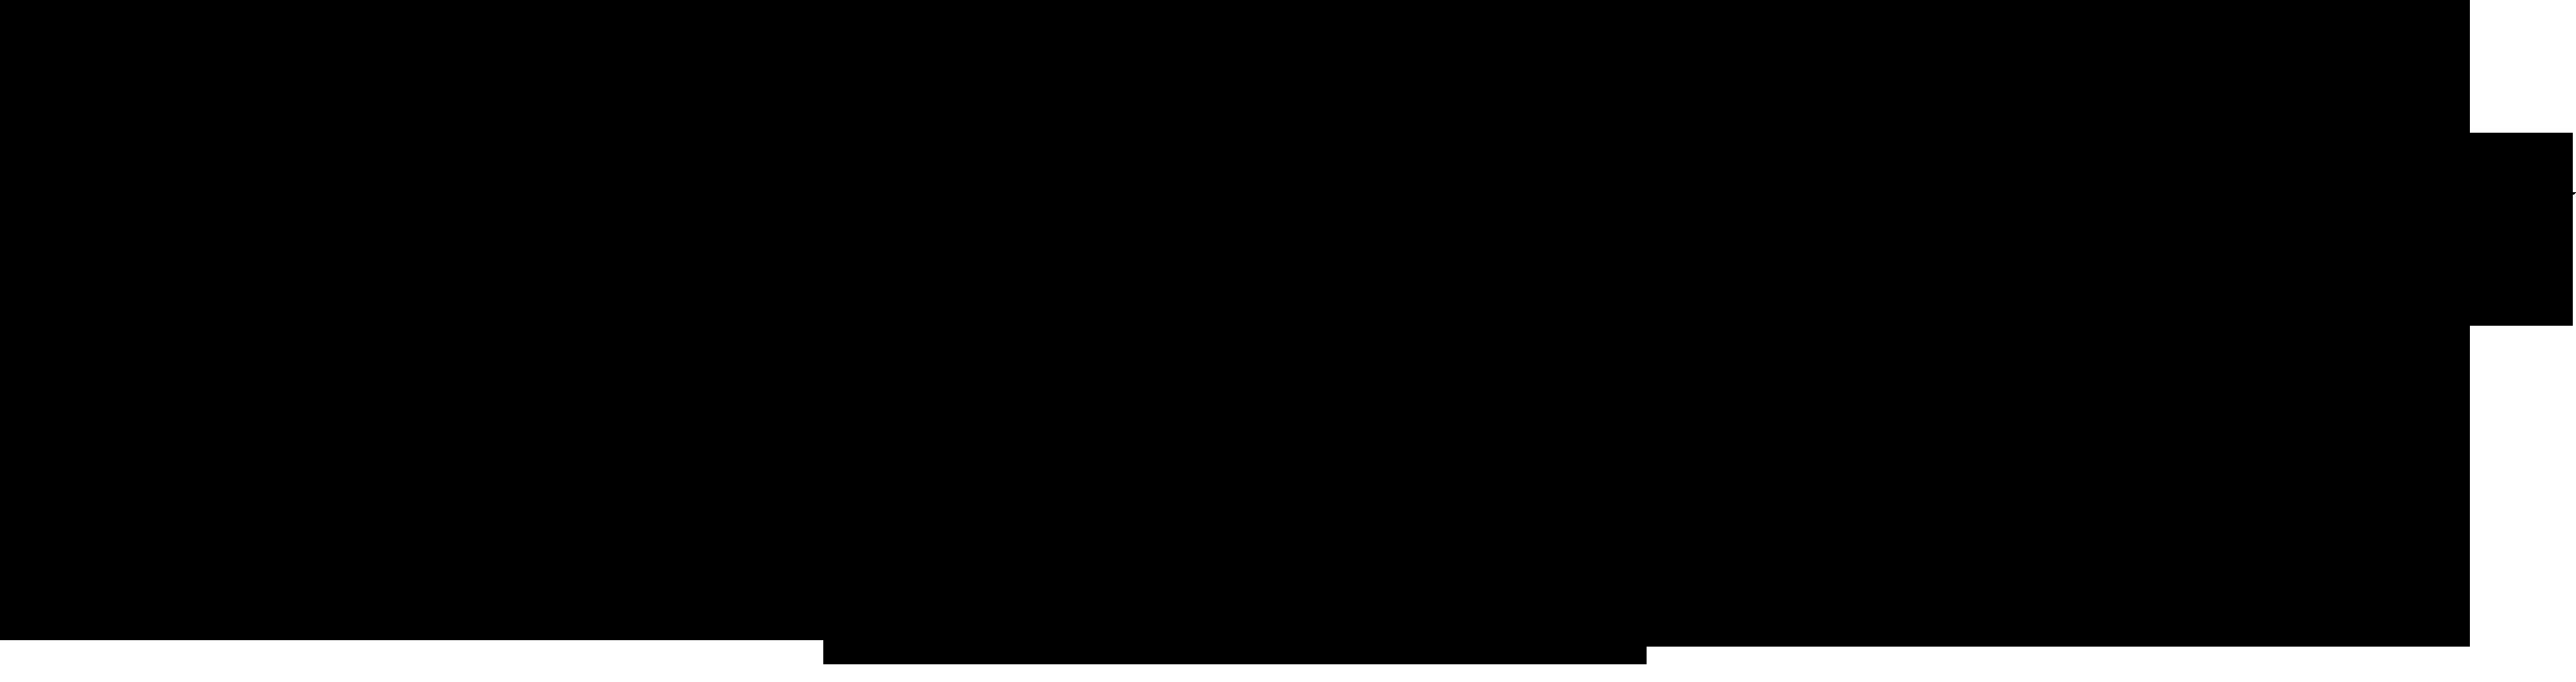 V1 Holysmoke BLACK